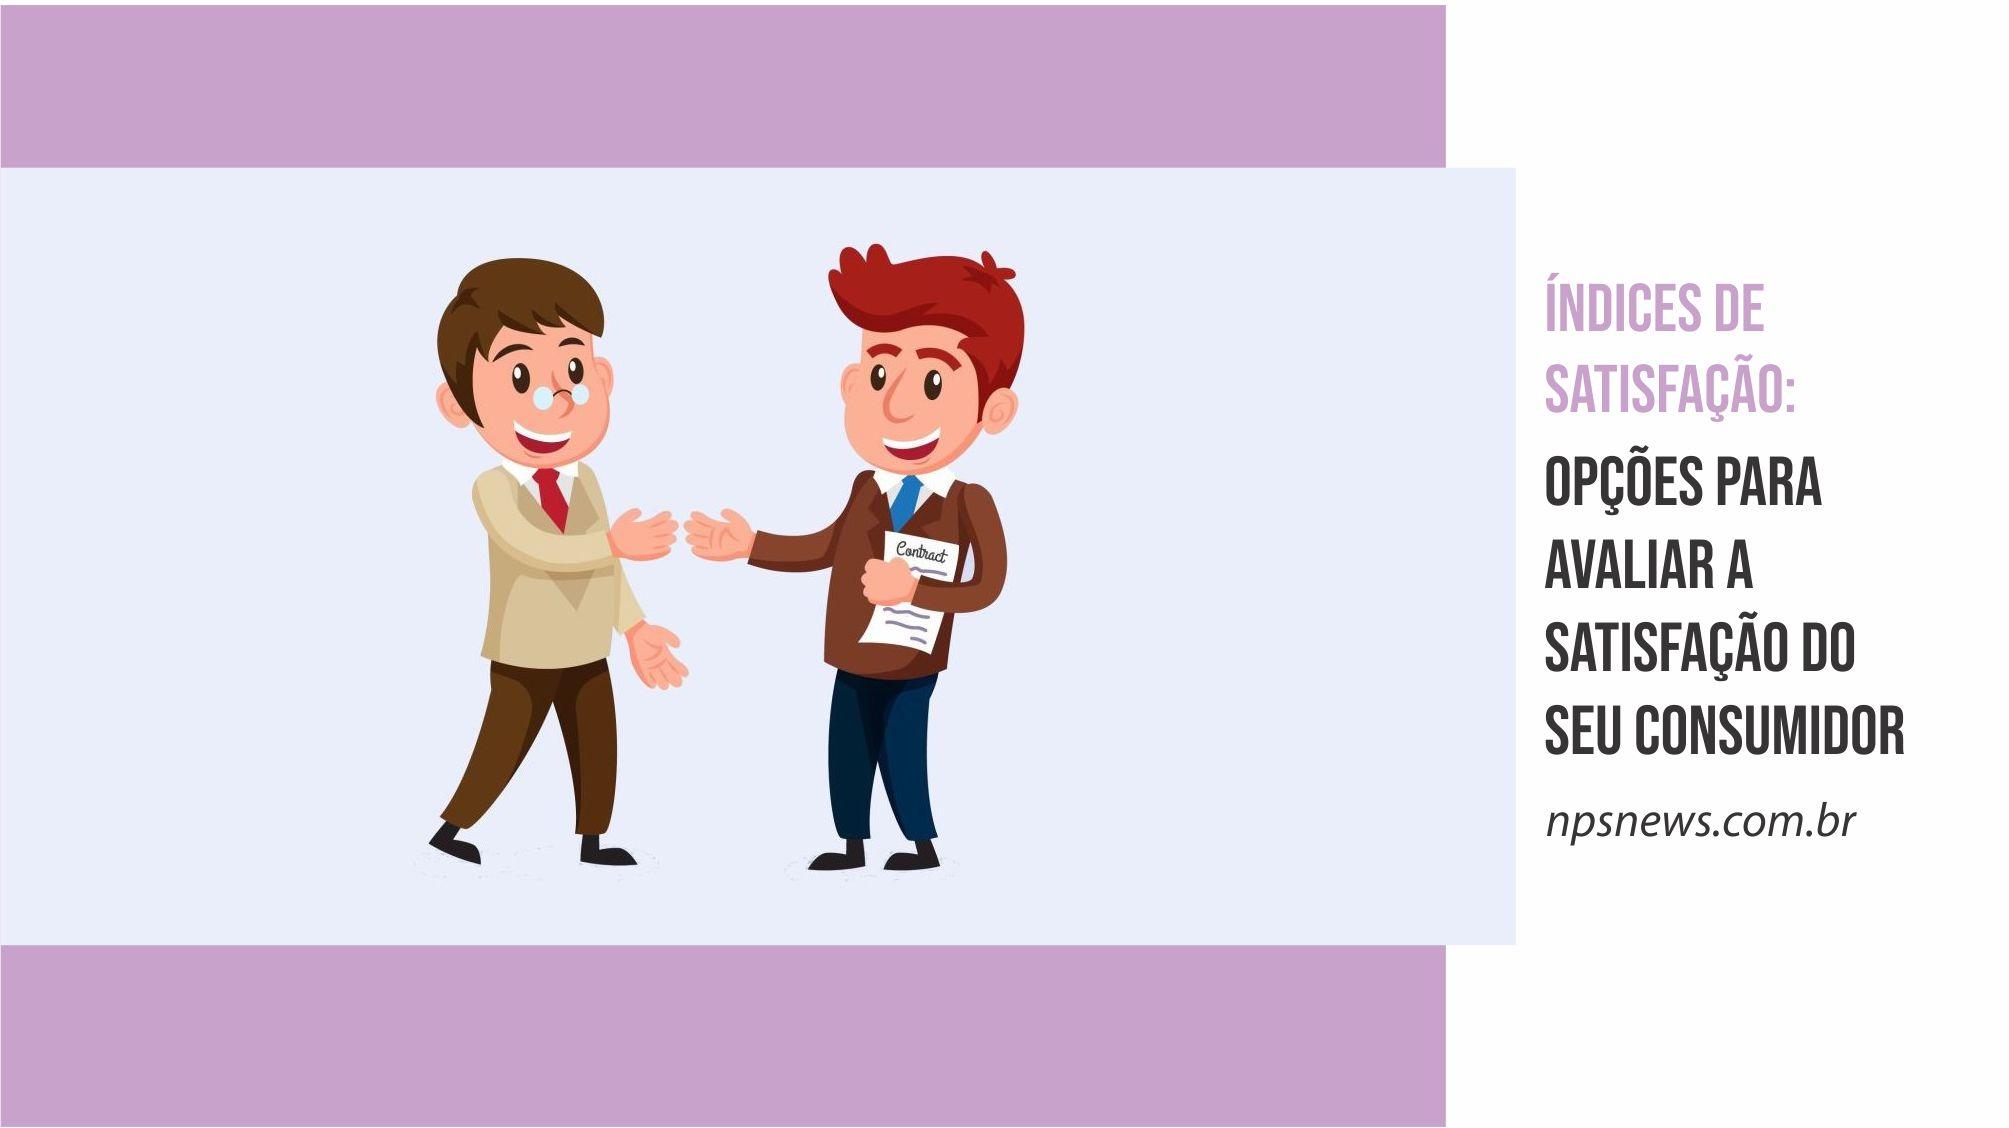 Índices de Satisfação: opções para avaliar a satisfação do seu consumidor